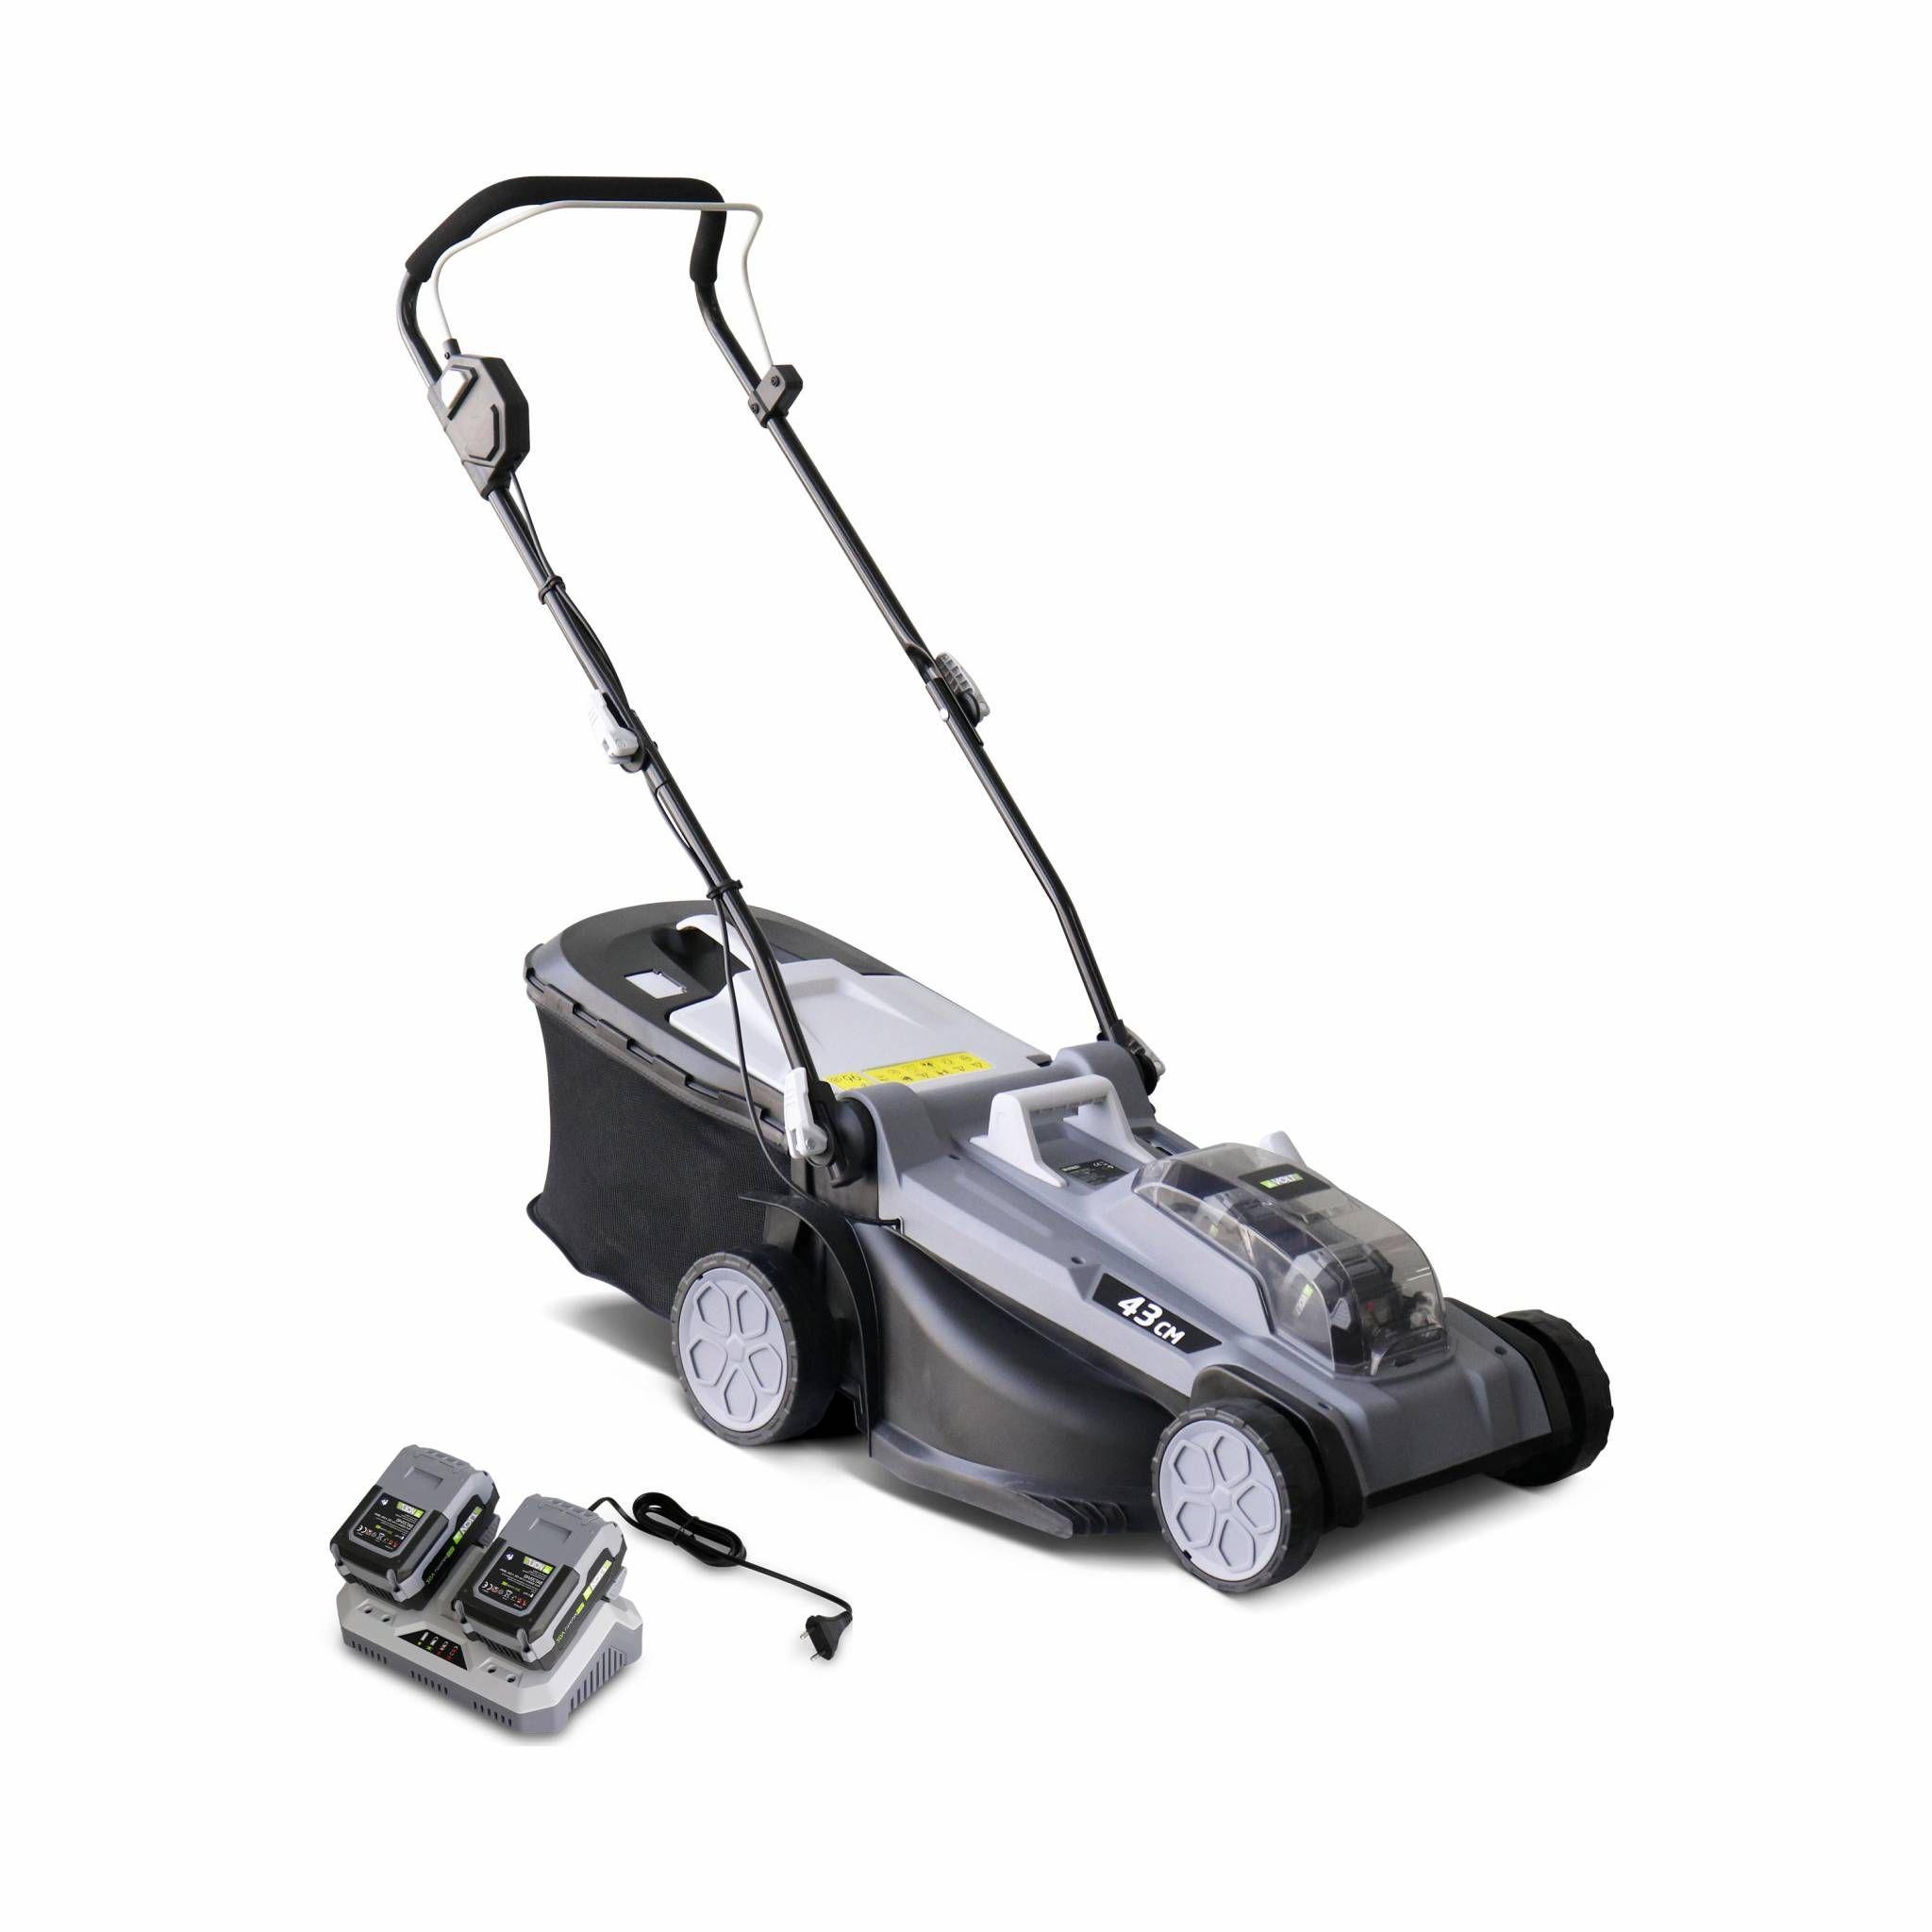 VOLTR 36V – Tondeuse à gazon sans fil 43cm – Batteries 20V Lithium 4.0Ah + double chargeur rapide, récupérateur d'herbe 40L